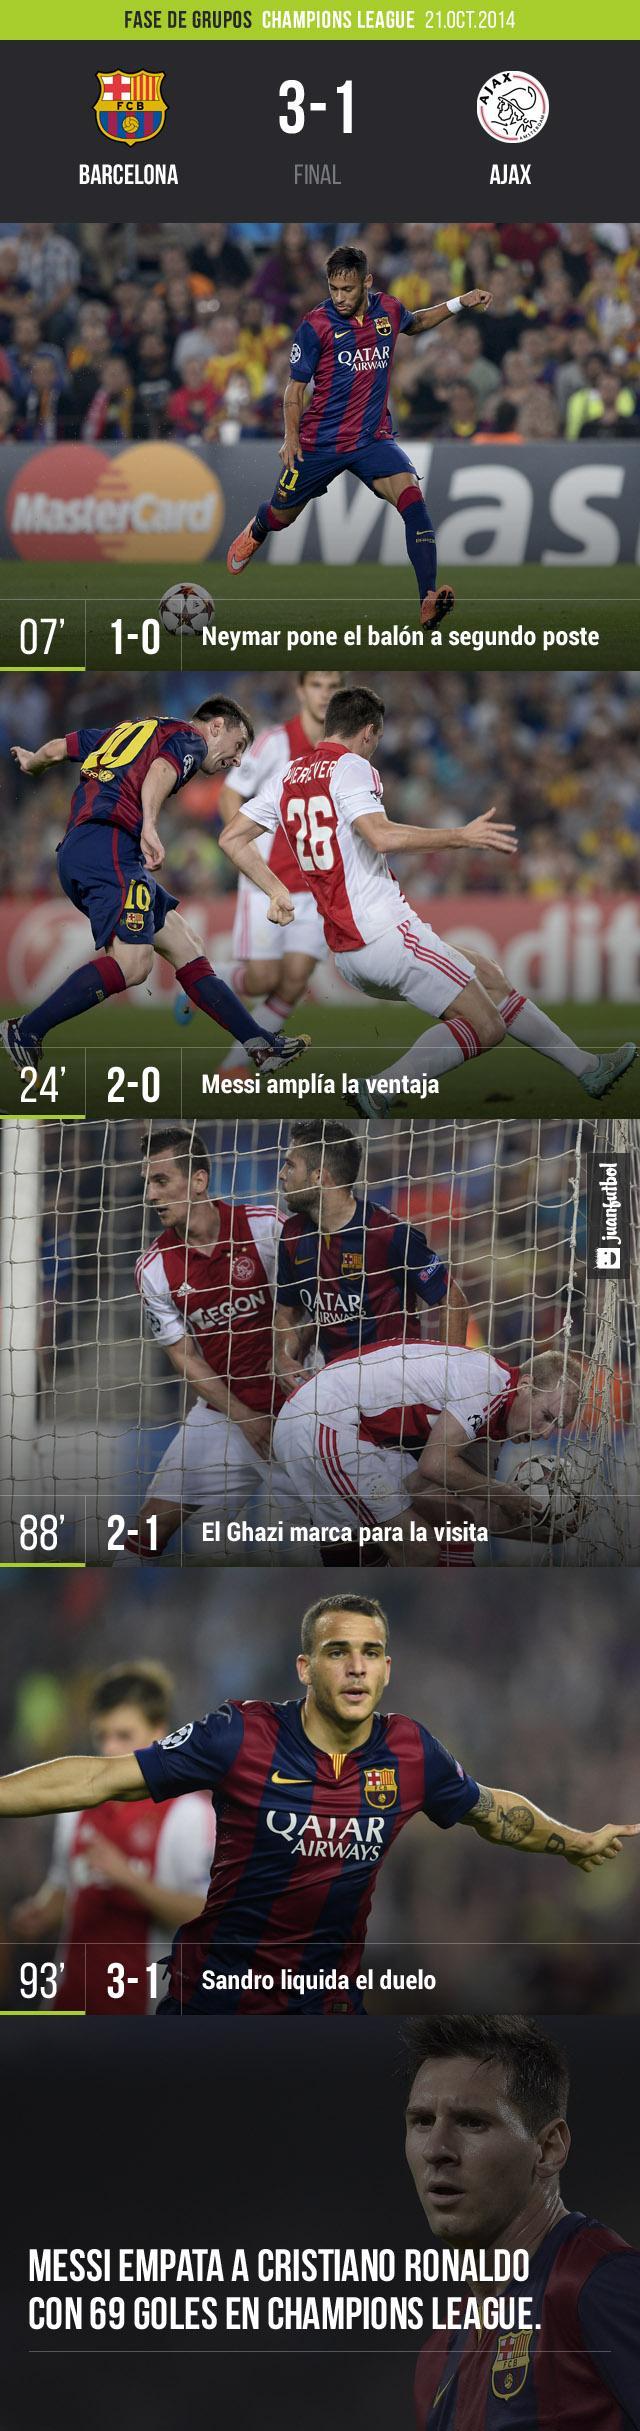 Barcelona derrota 3-1 al Ajax con goles de Neymar, Messi y Sandro. EL Ghazi descontó para la visita.